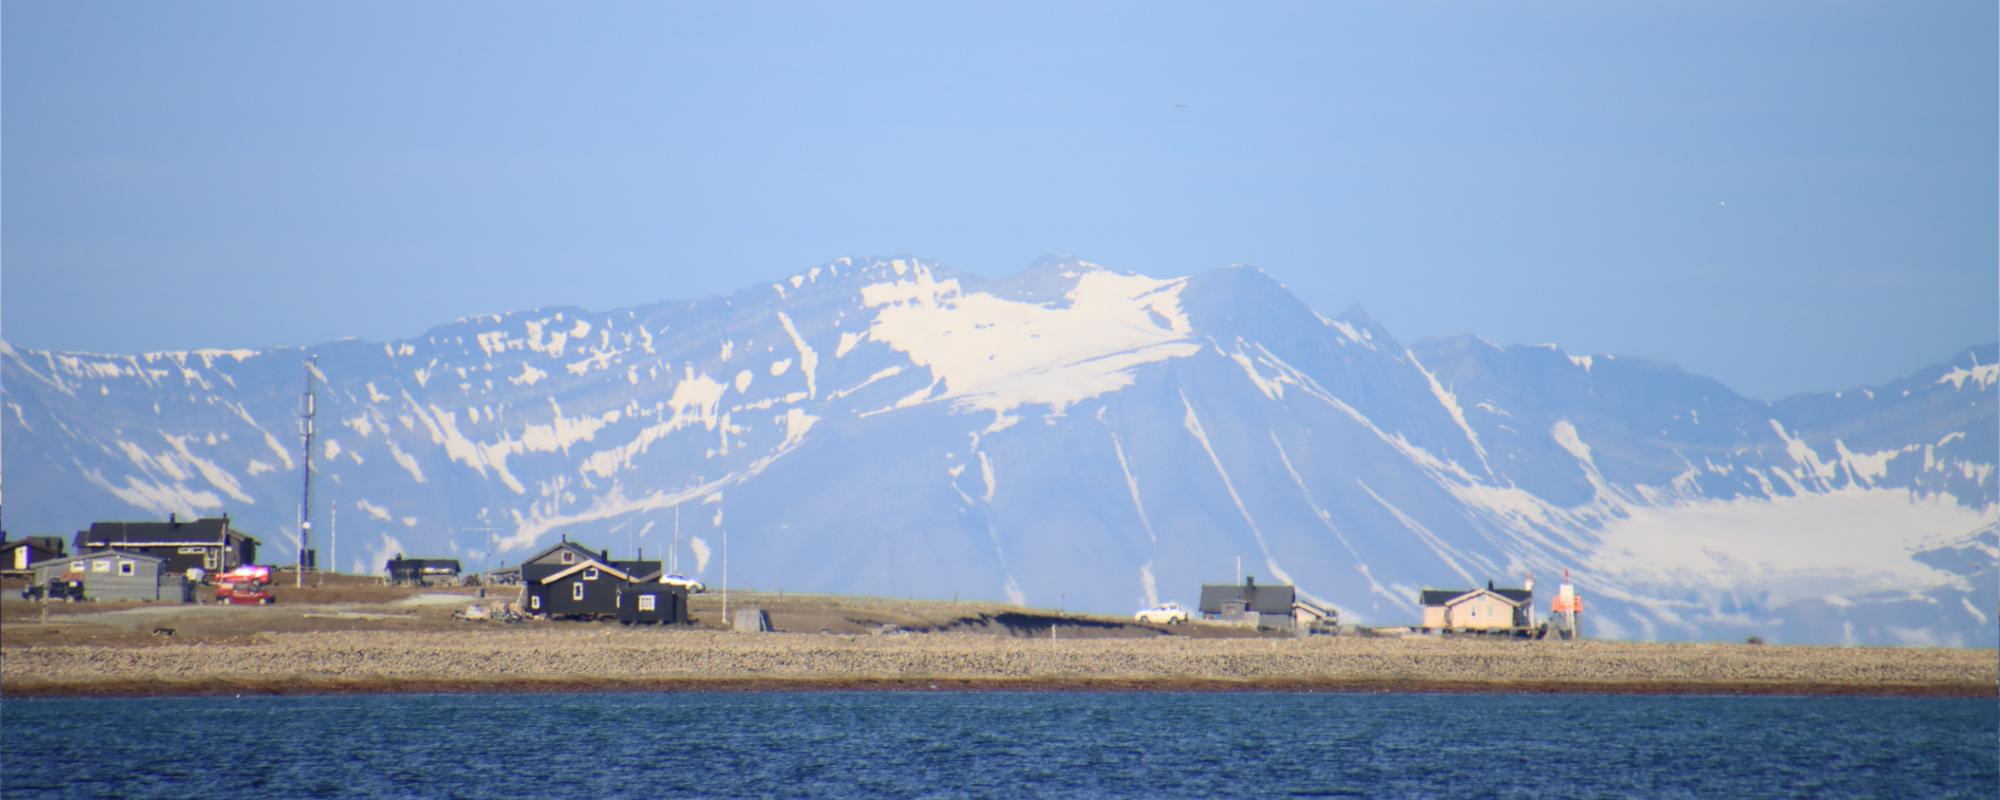 Hotellneset Longyearbyen